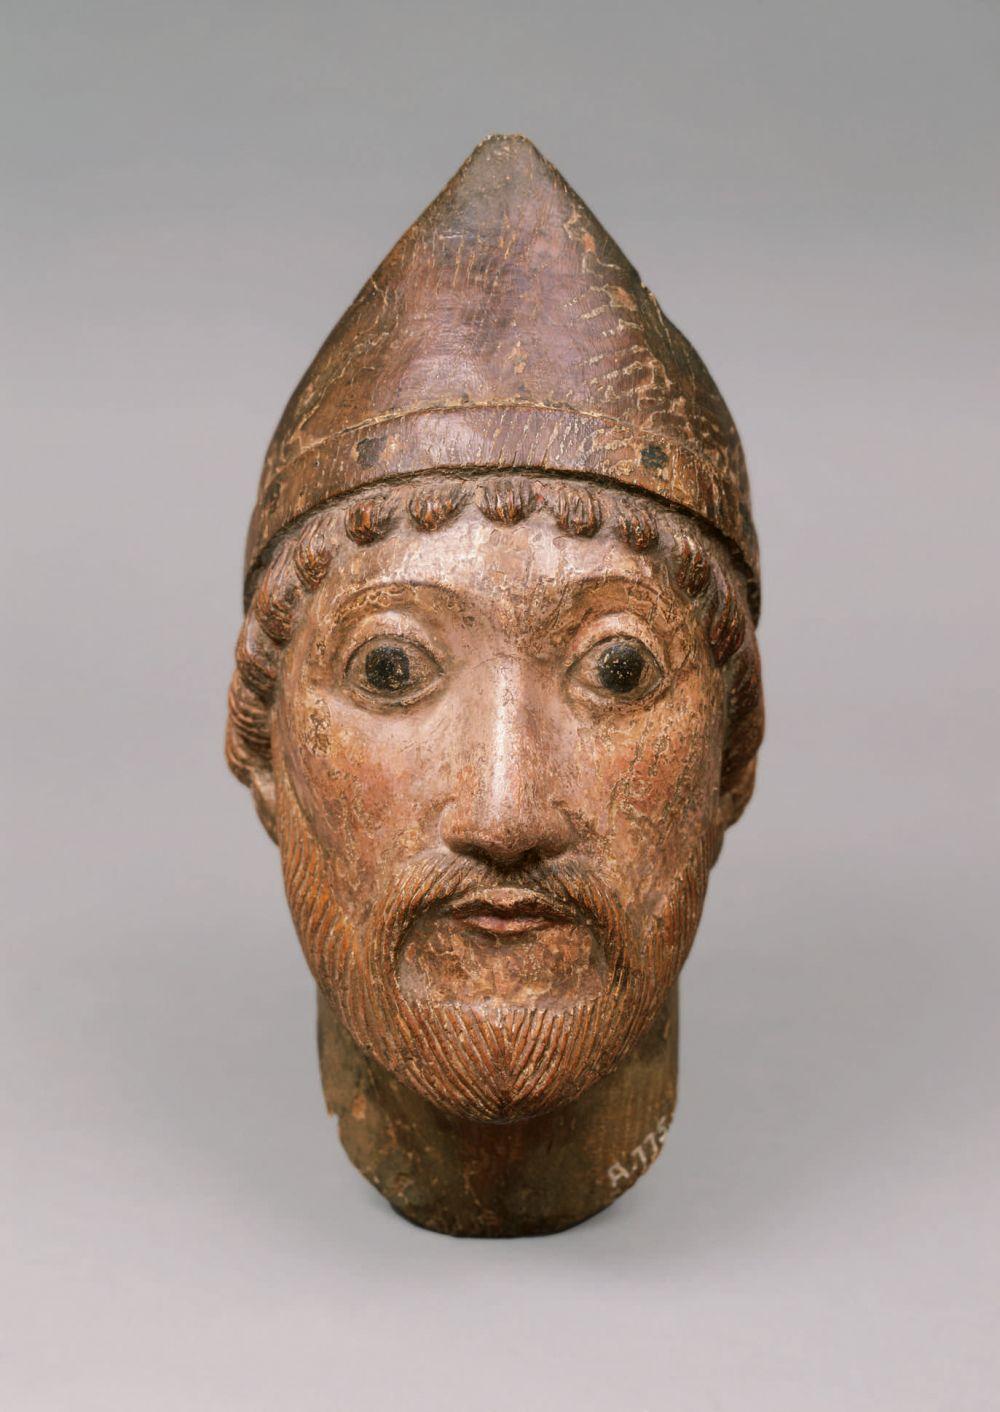 Kopf eines heiligen Bischofs